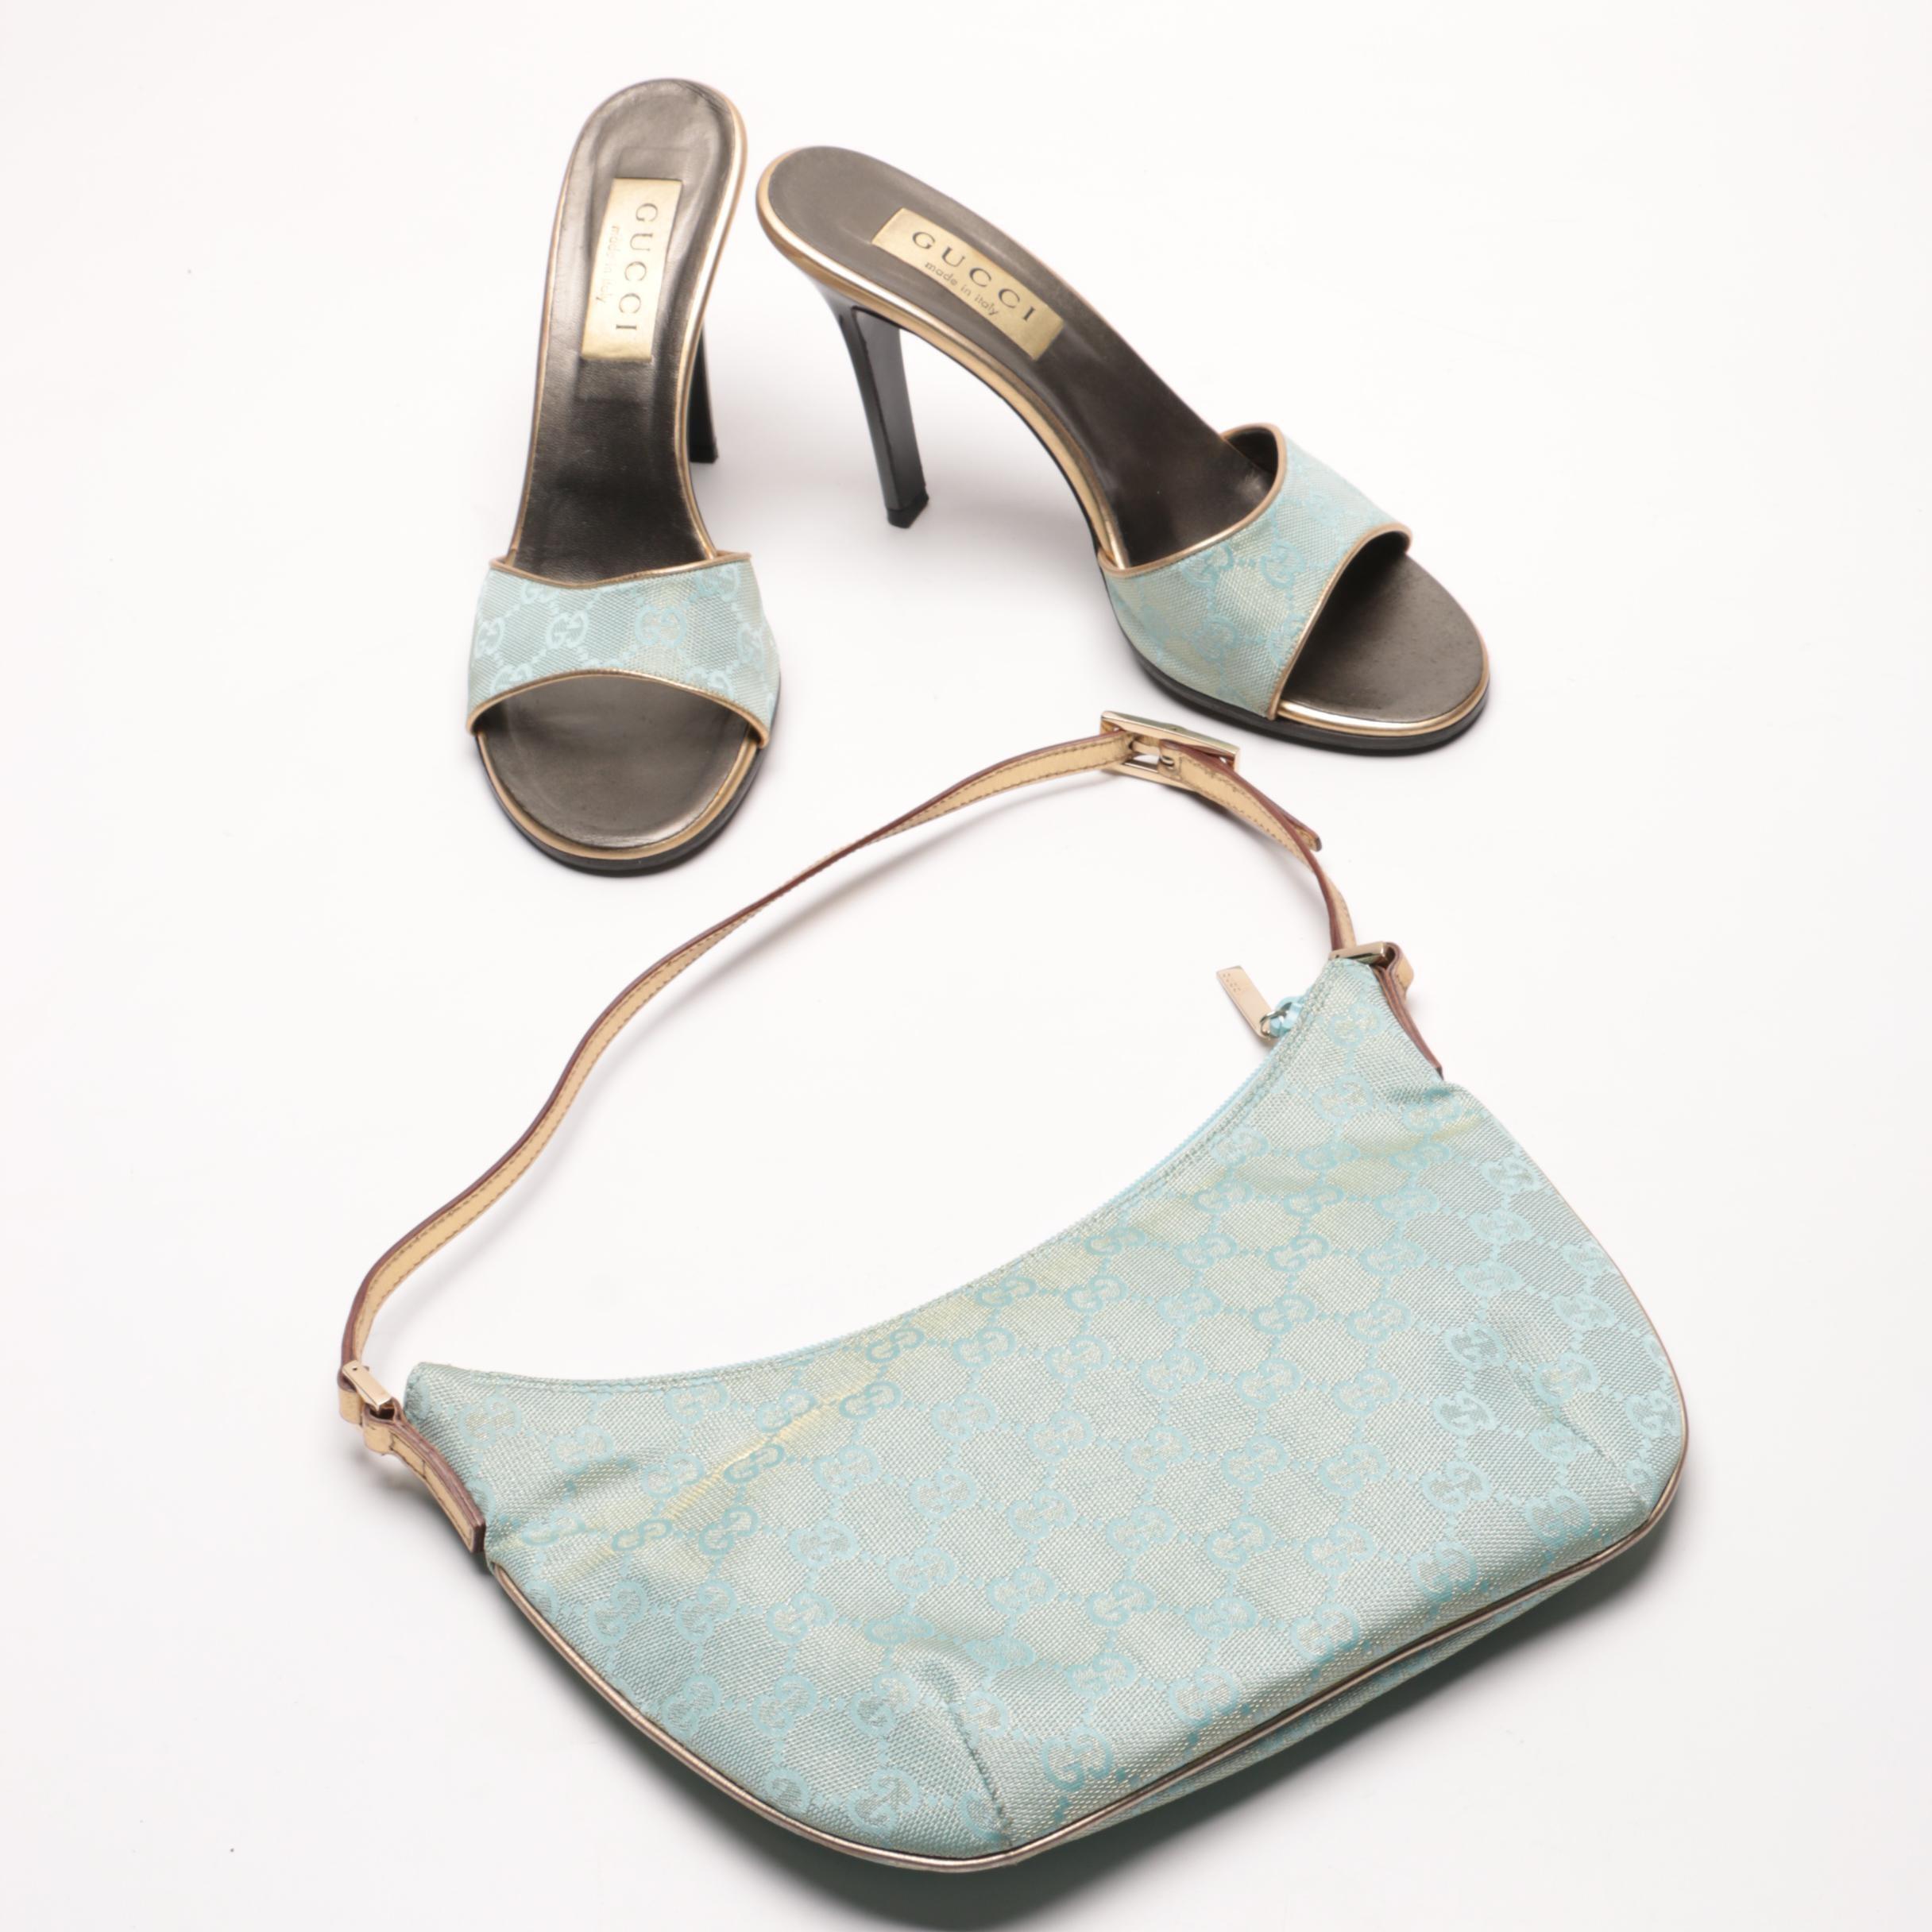 Gucci Canvas Heels and Handbag